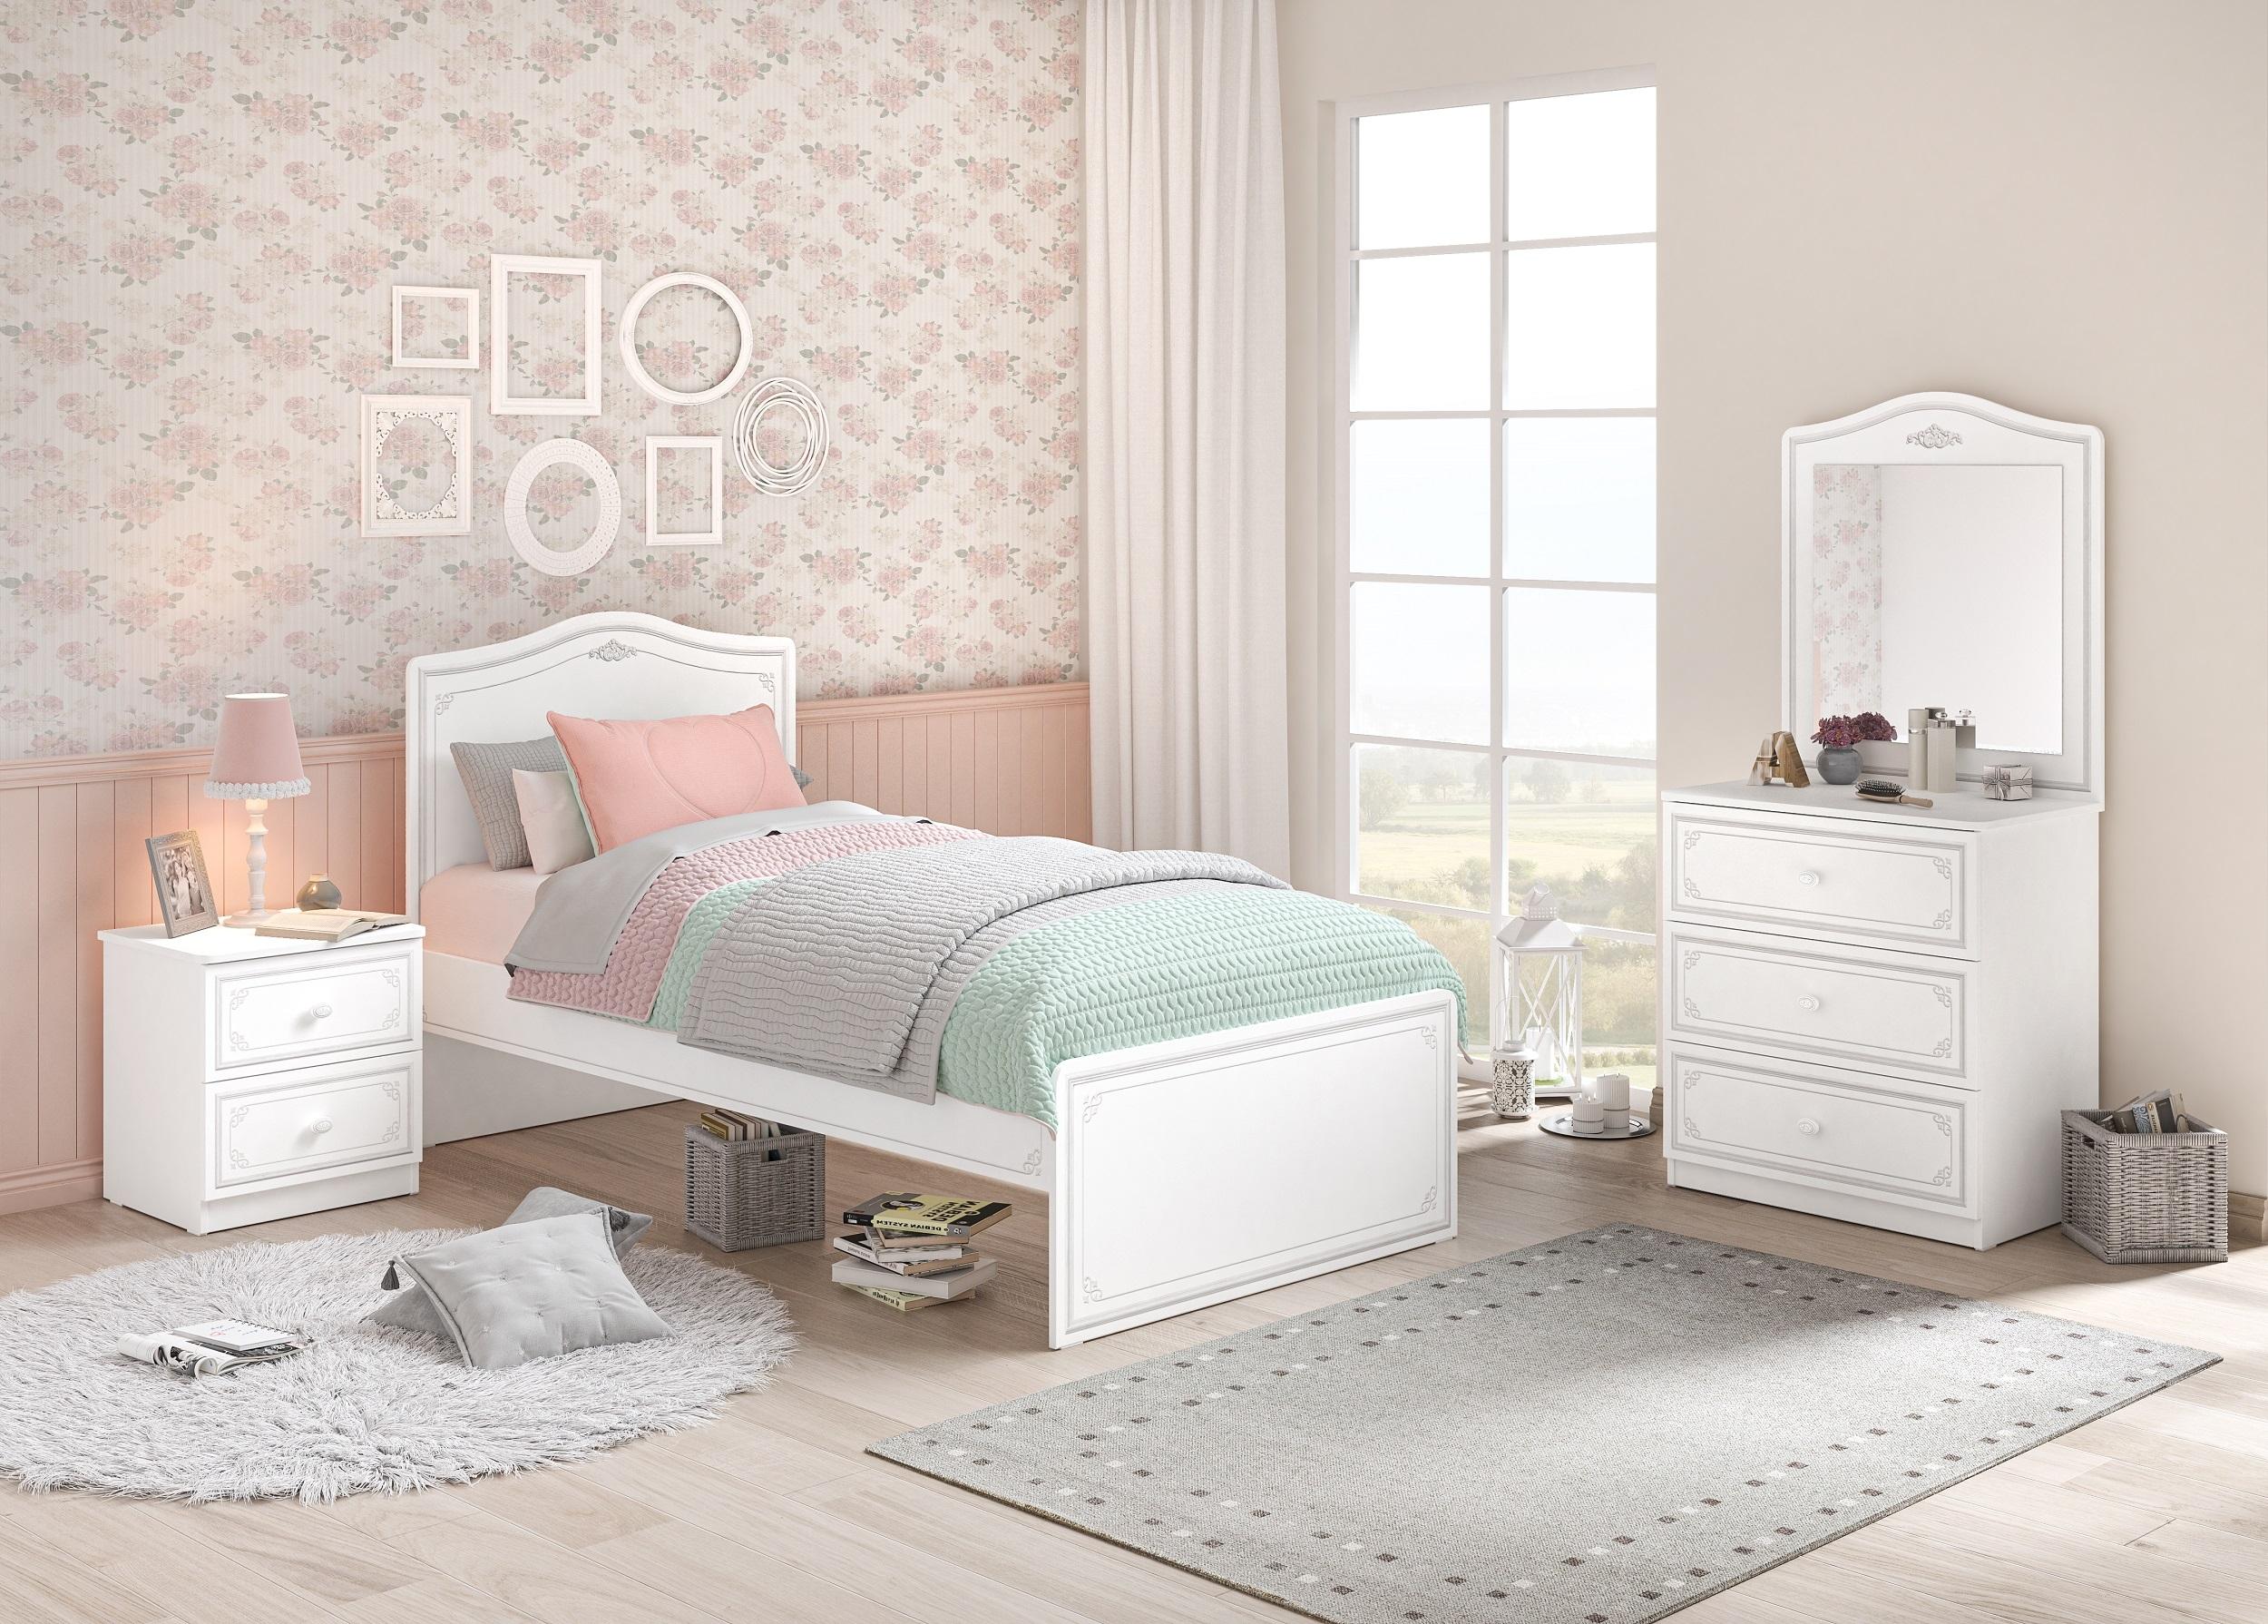 Categoria Dormitoare Copii